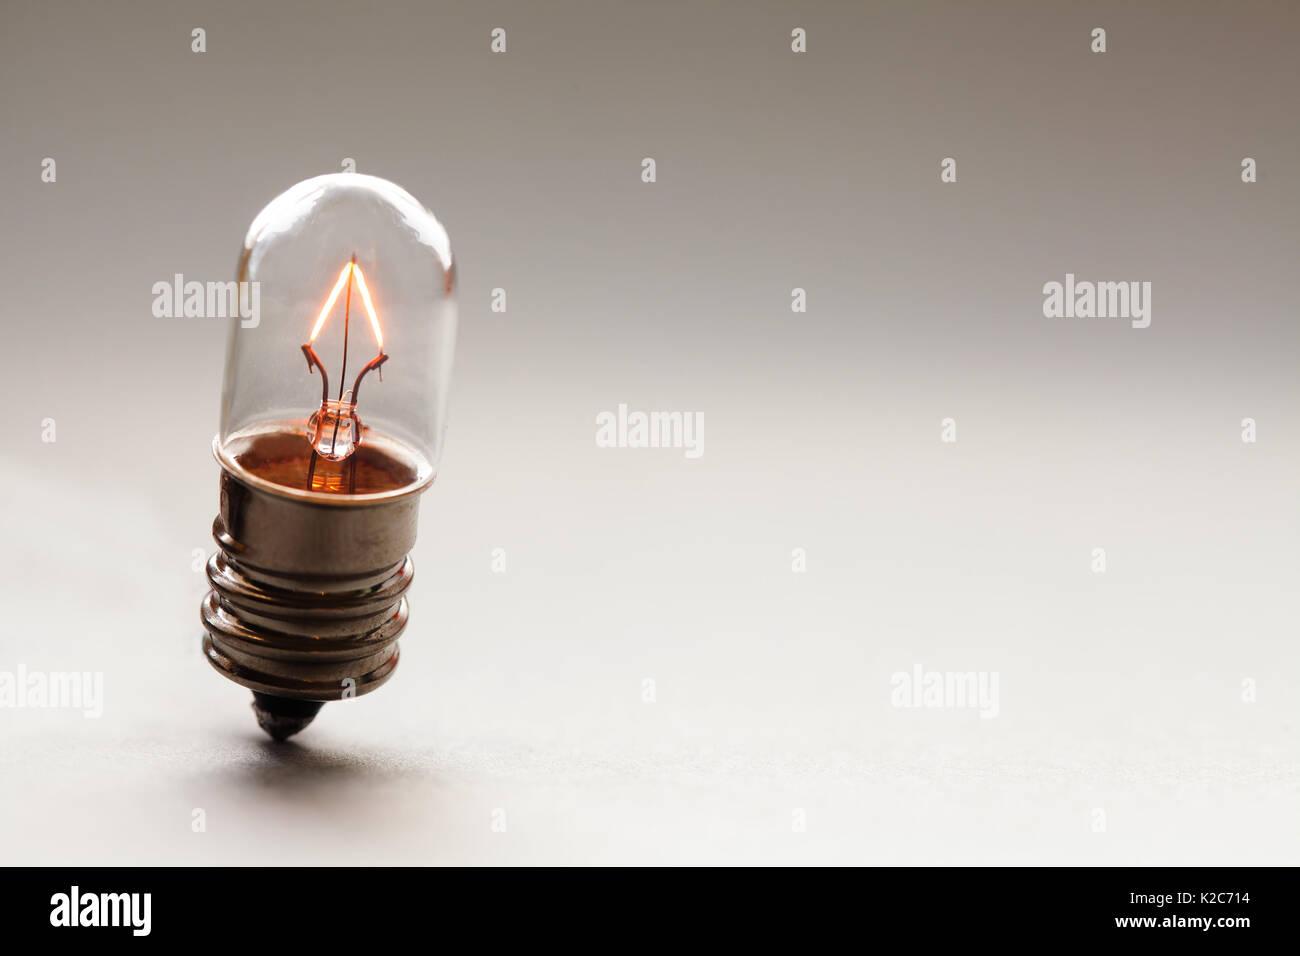 Bombilla de luz incandescente, estilo retro lámpara vista macro. Fondo degradado de colores cálidos. Soft Focus. Espacio de copia Imagen De Stock